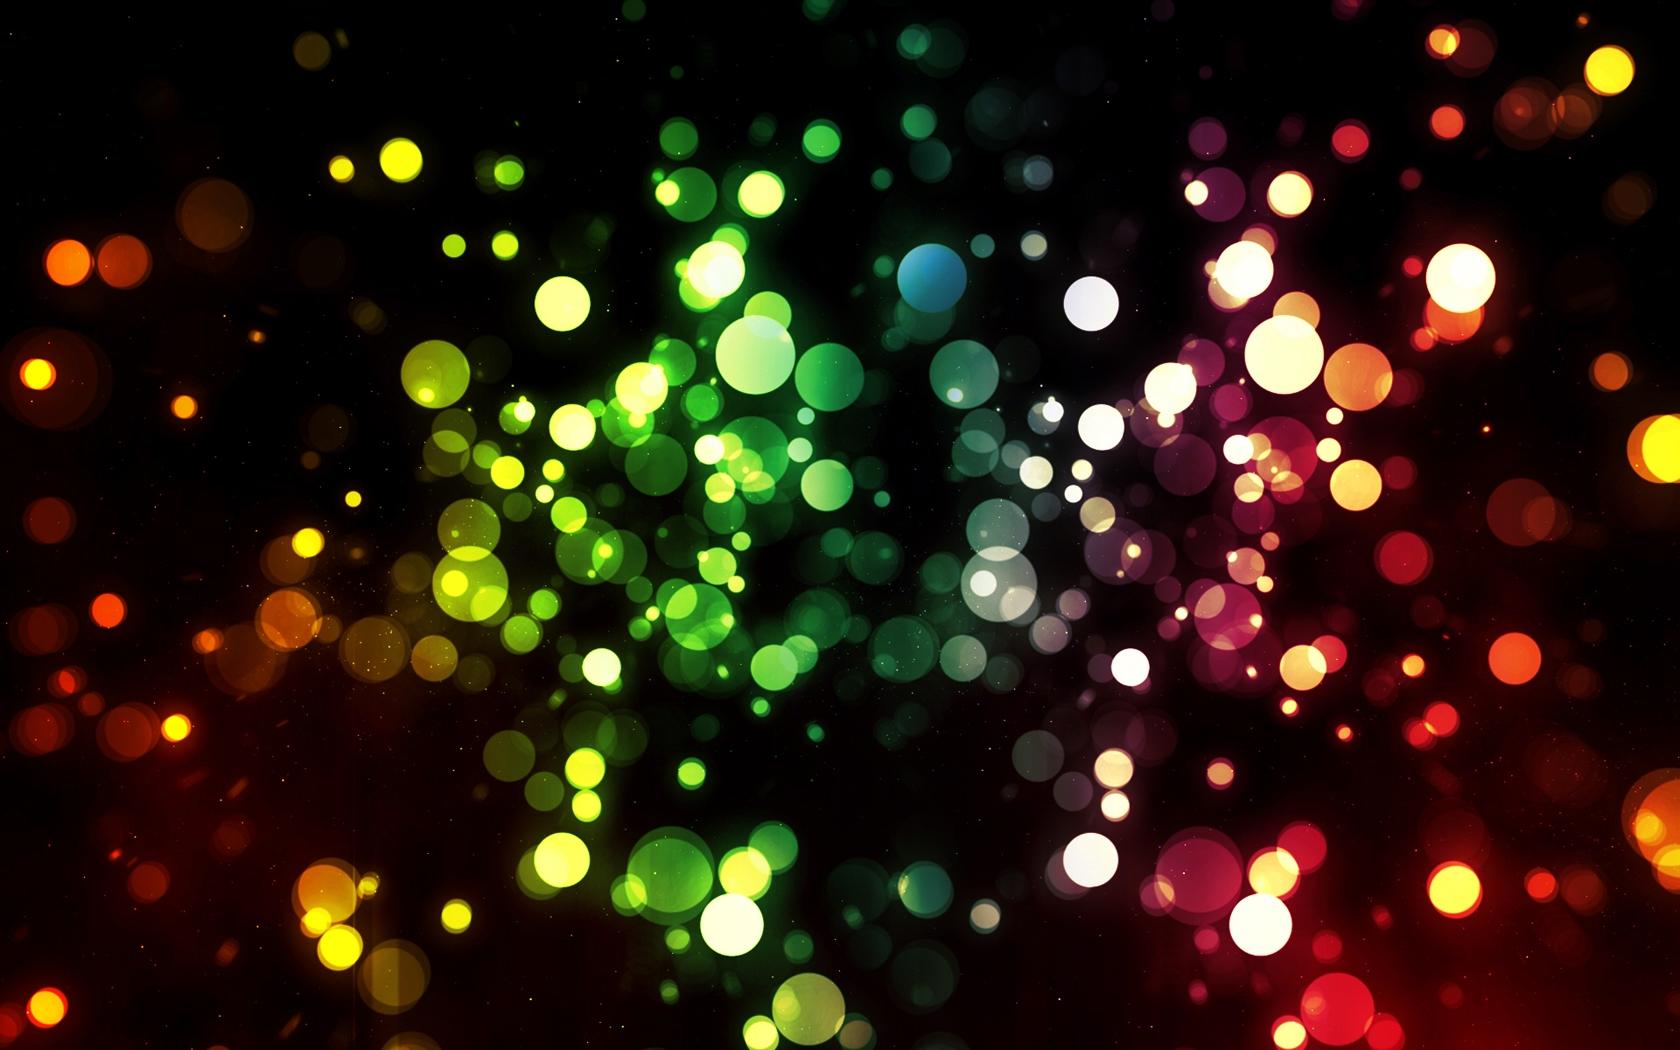 Hintergrundbilder : bunt, Nacht-, Platz, Pixel, Kreis, Licht, Punkt ...